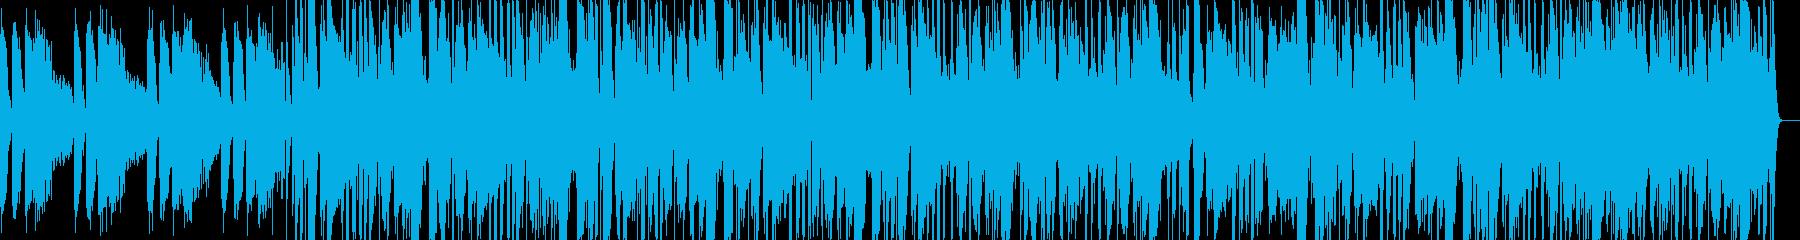 爽やかなLo Fi ヒップホップの再生済みの波形